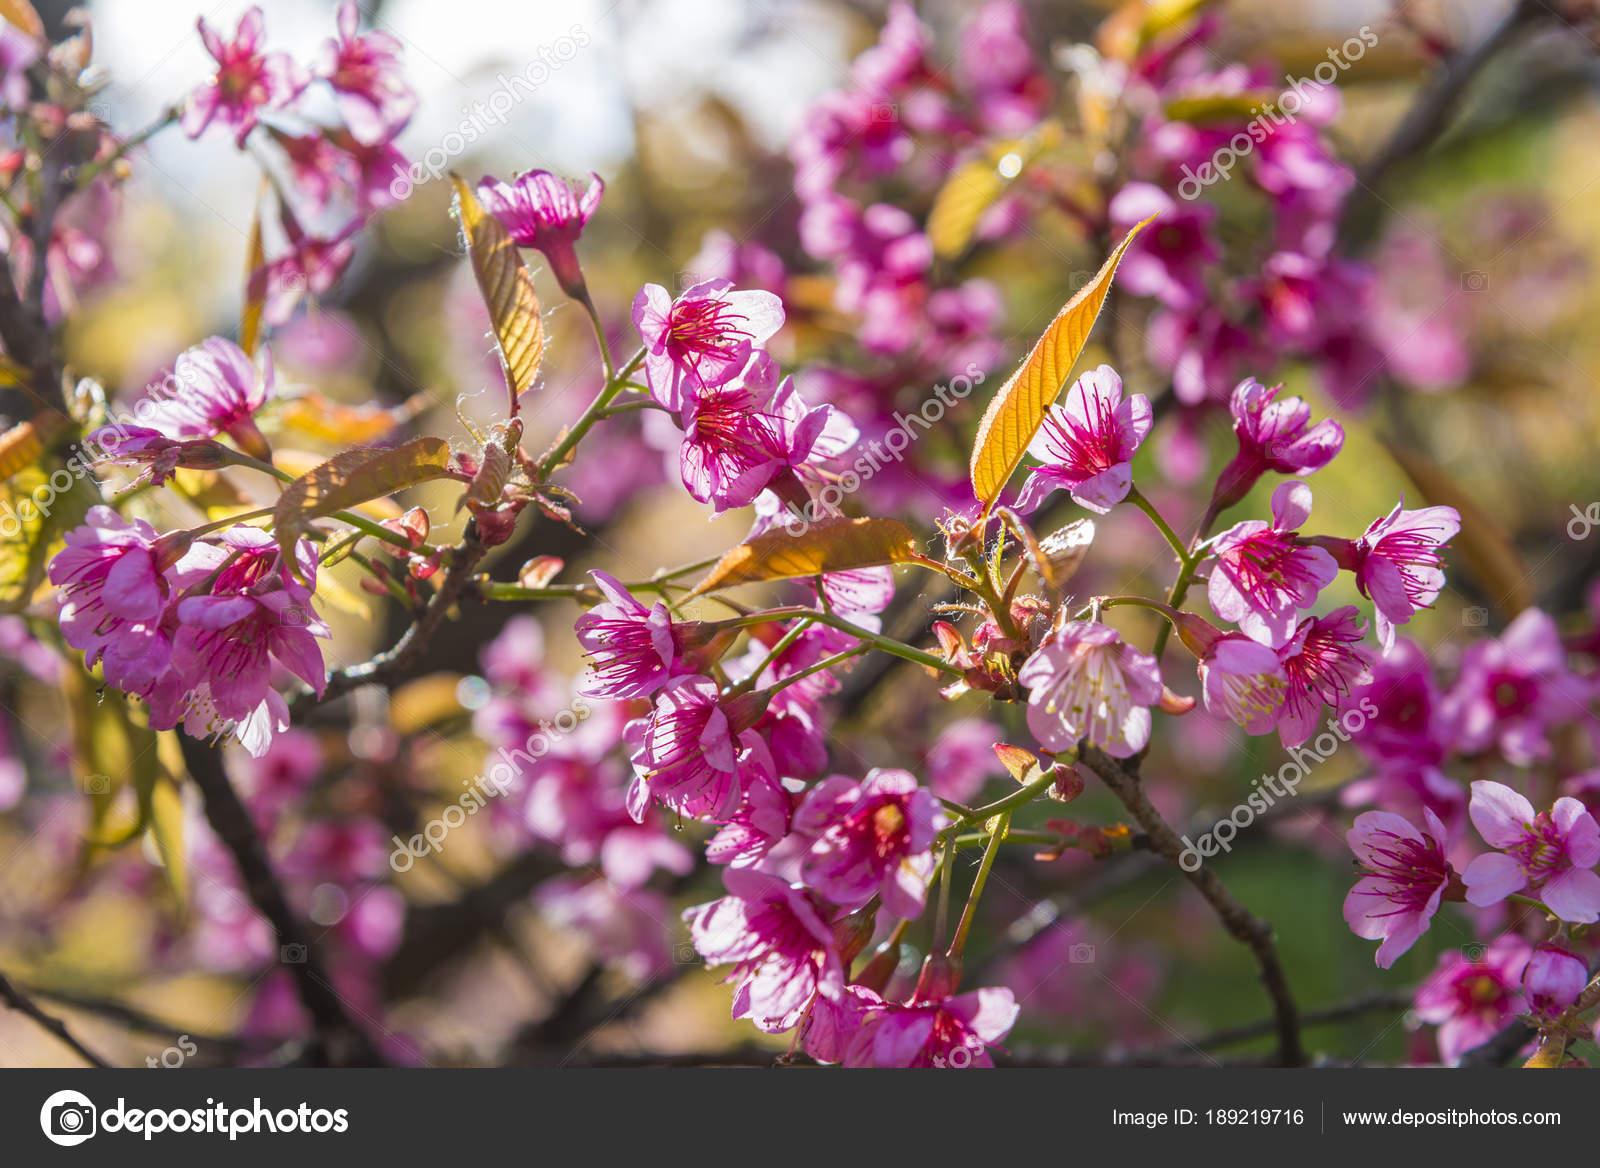 arbre fleur rose fleur sur fond nature fond fleurs printemps